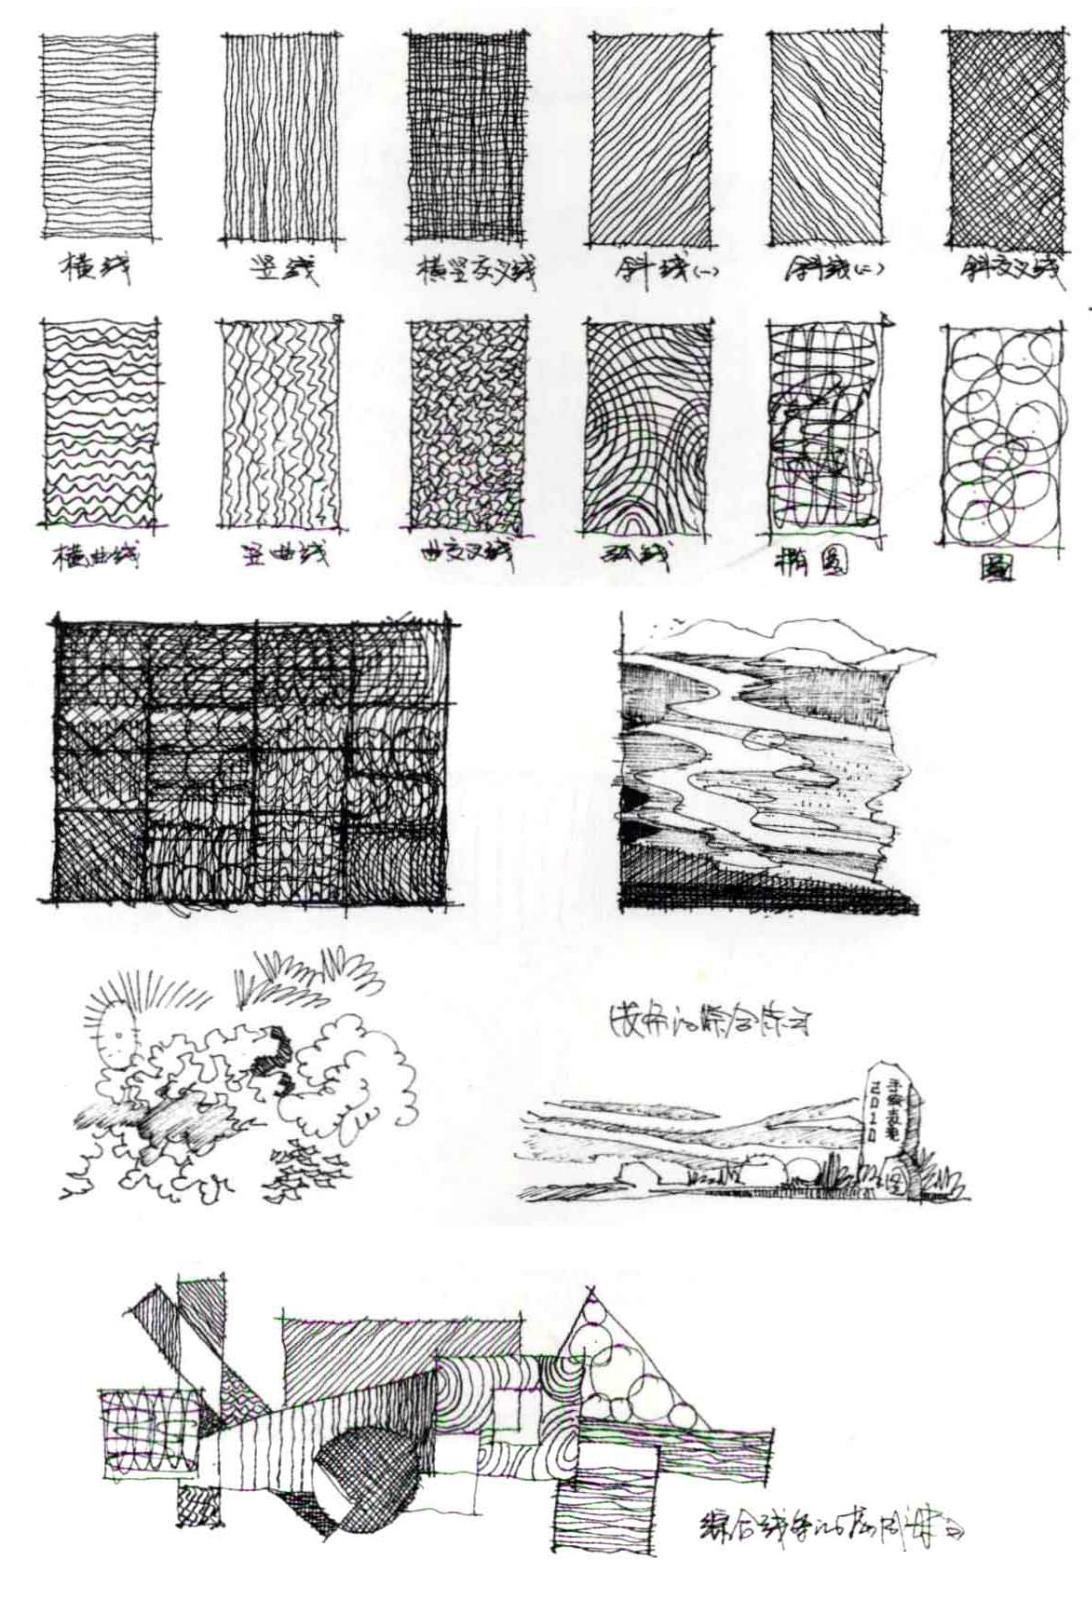 转: 手绘线条的练习